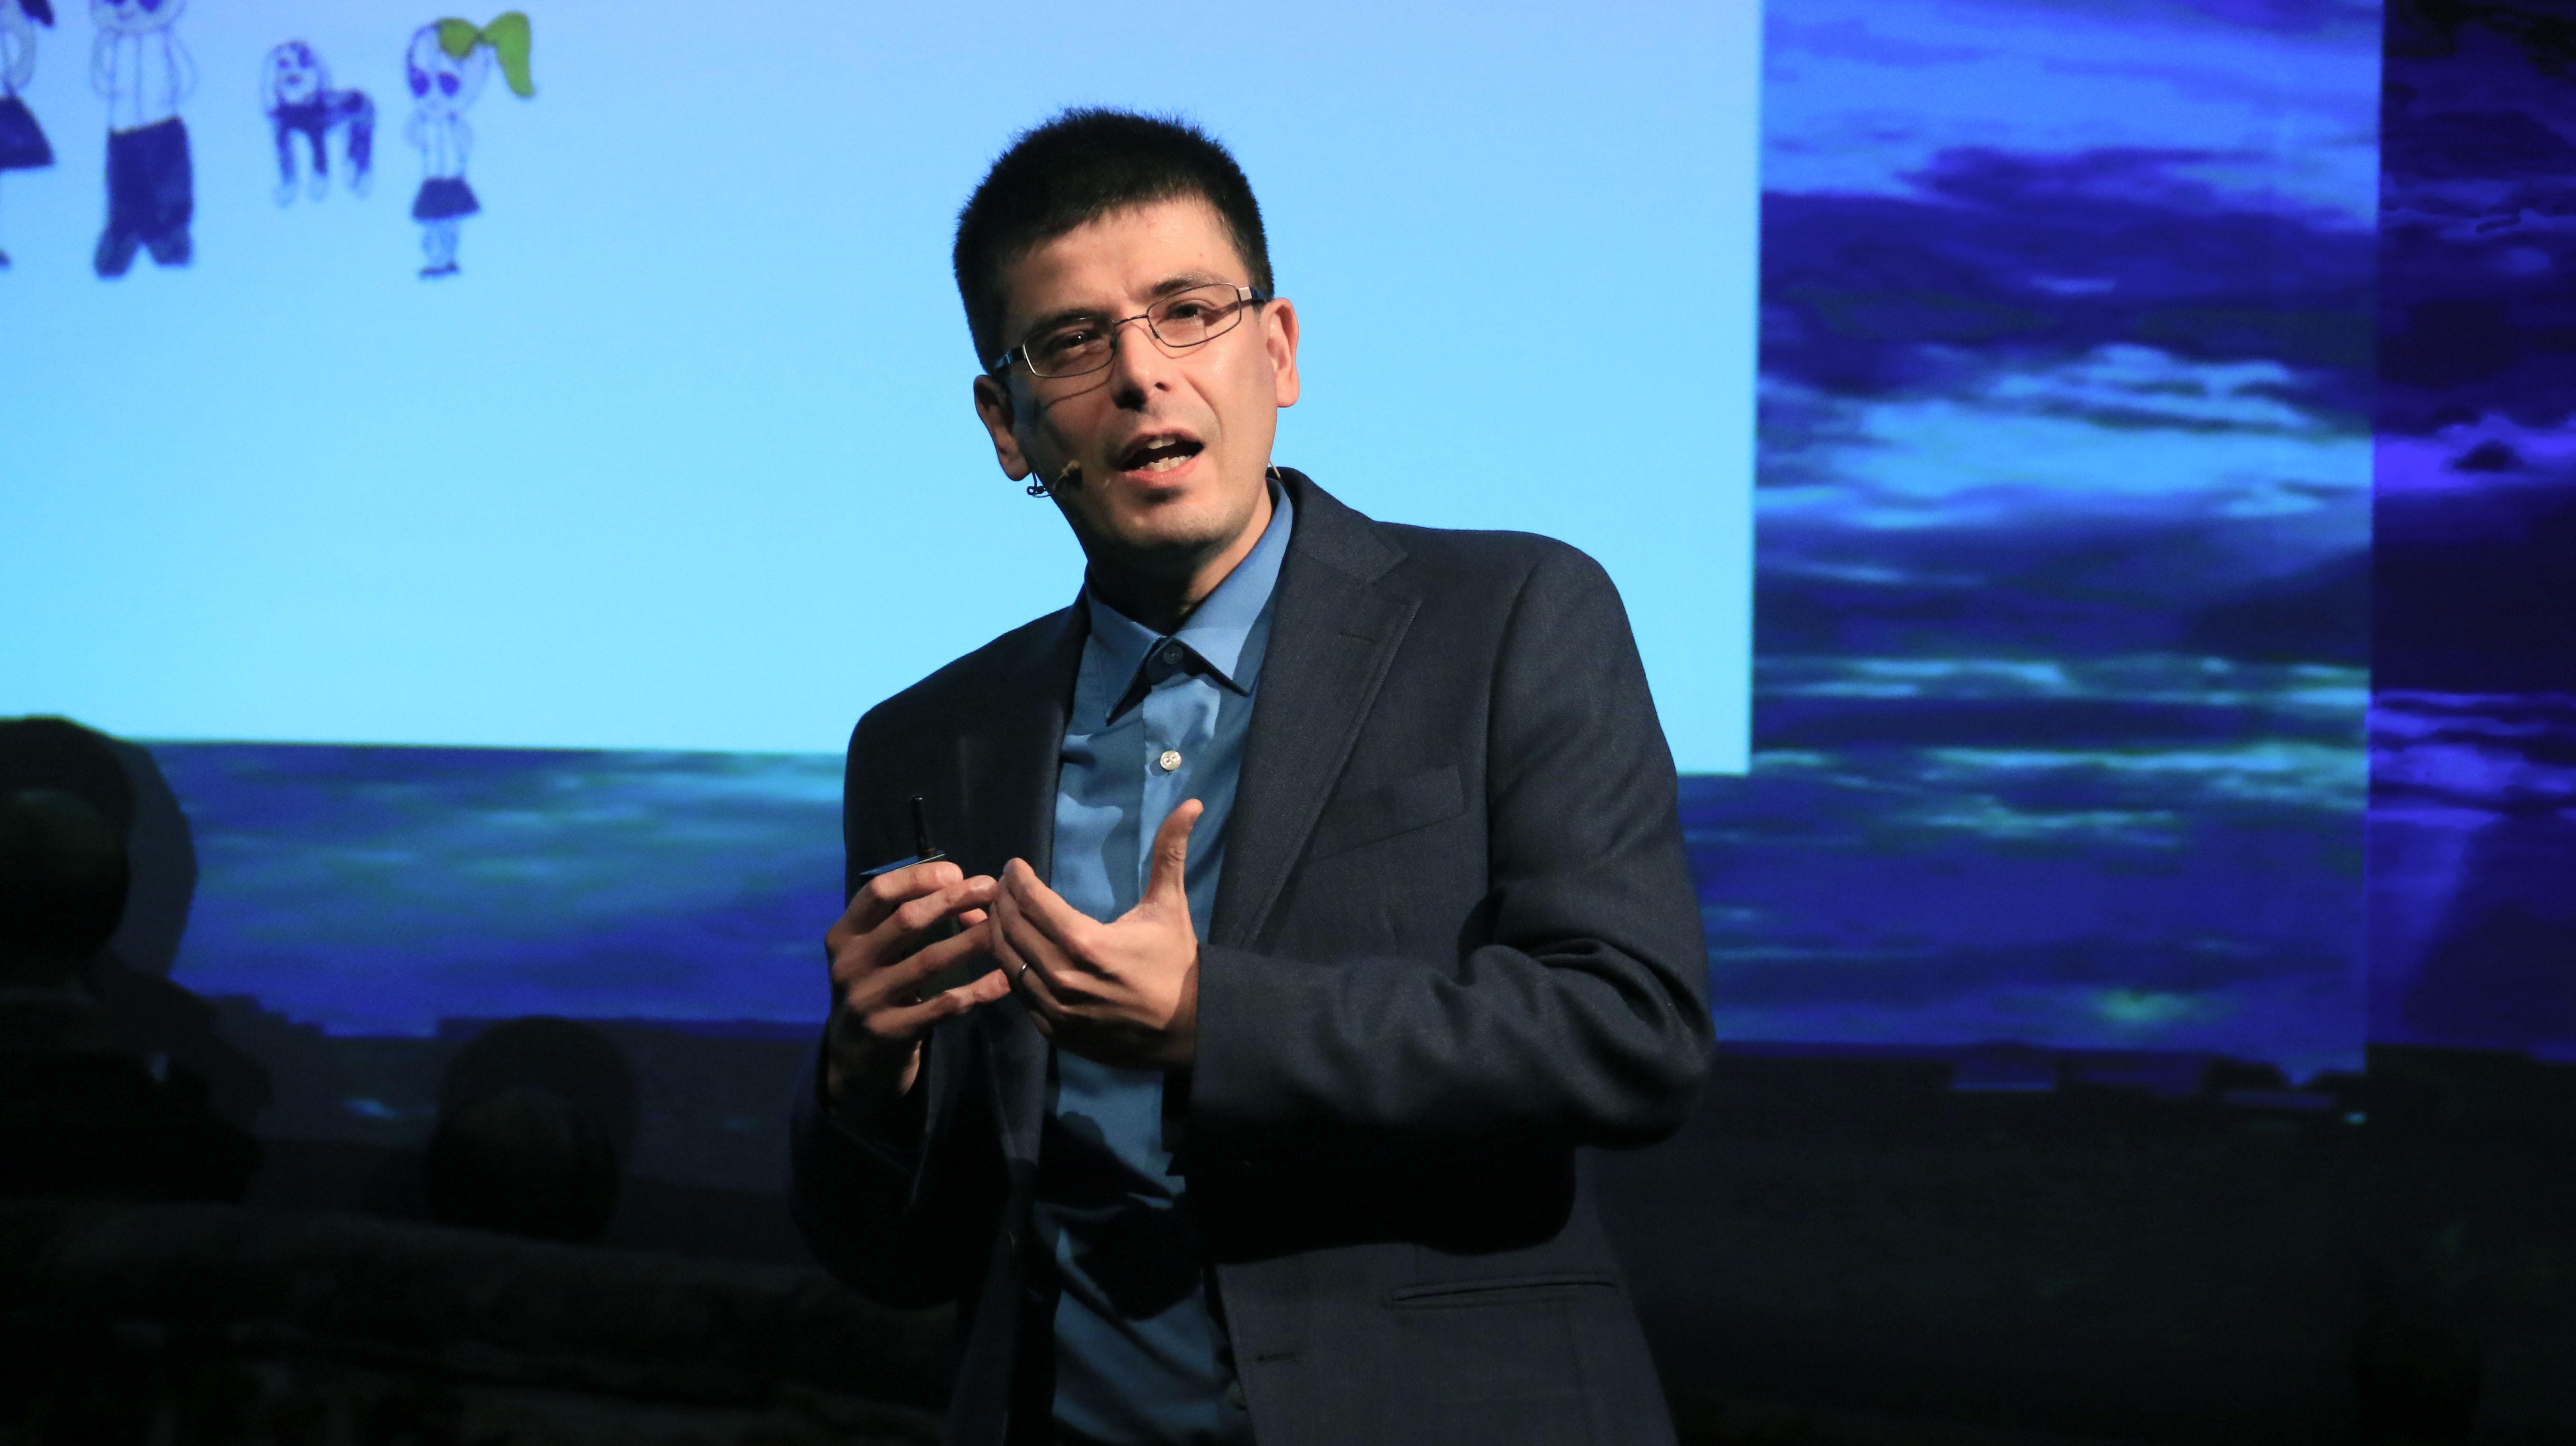 Patricio Rodríguez